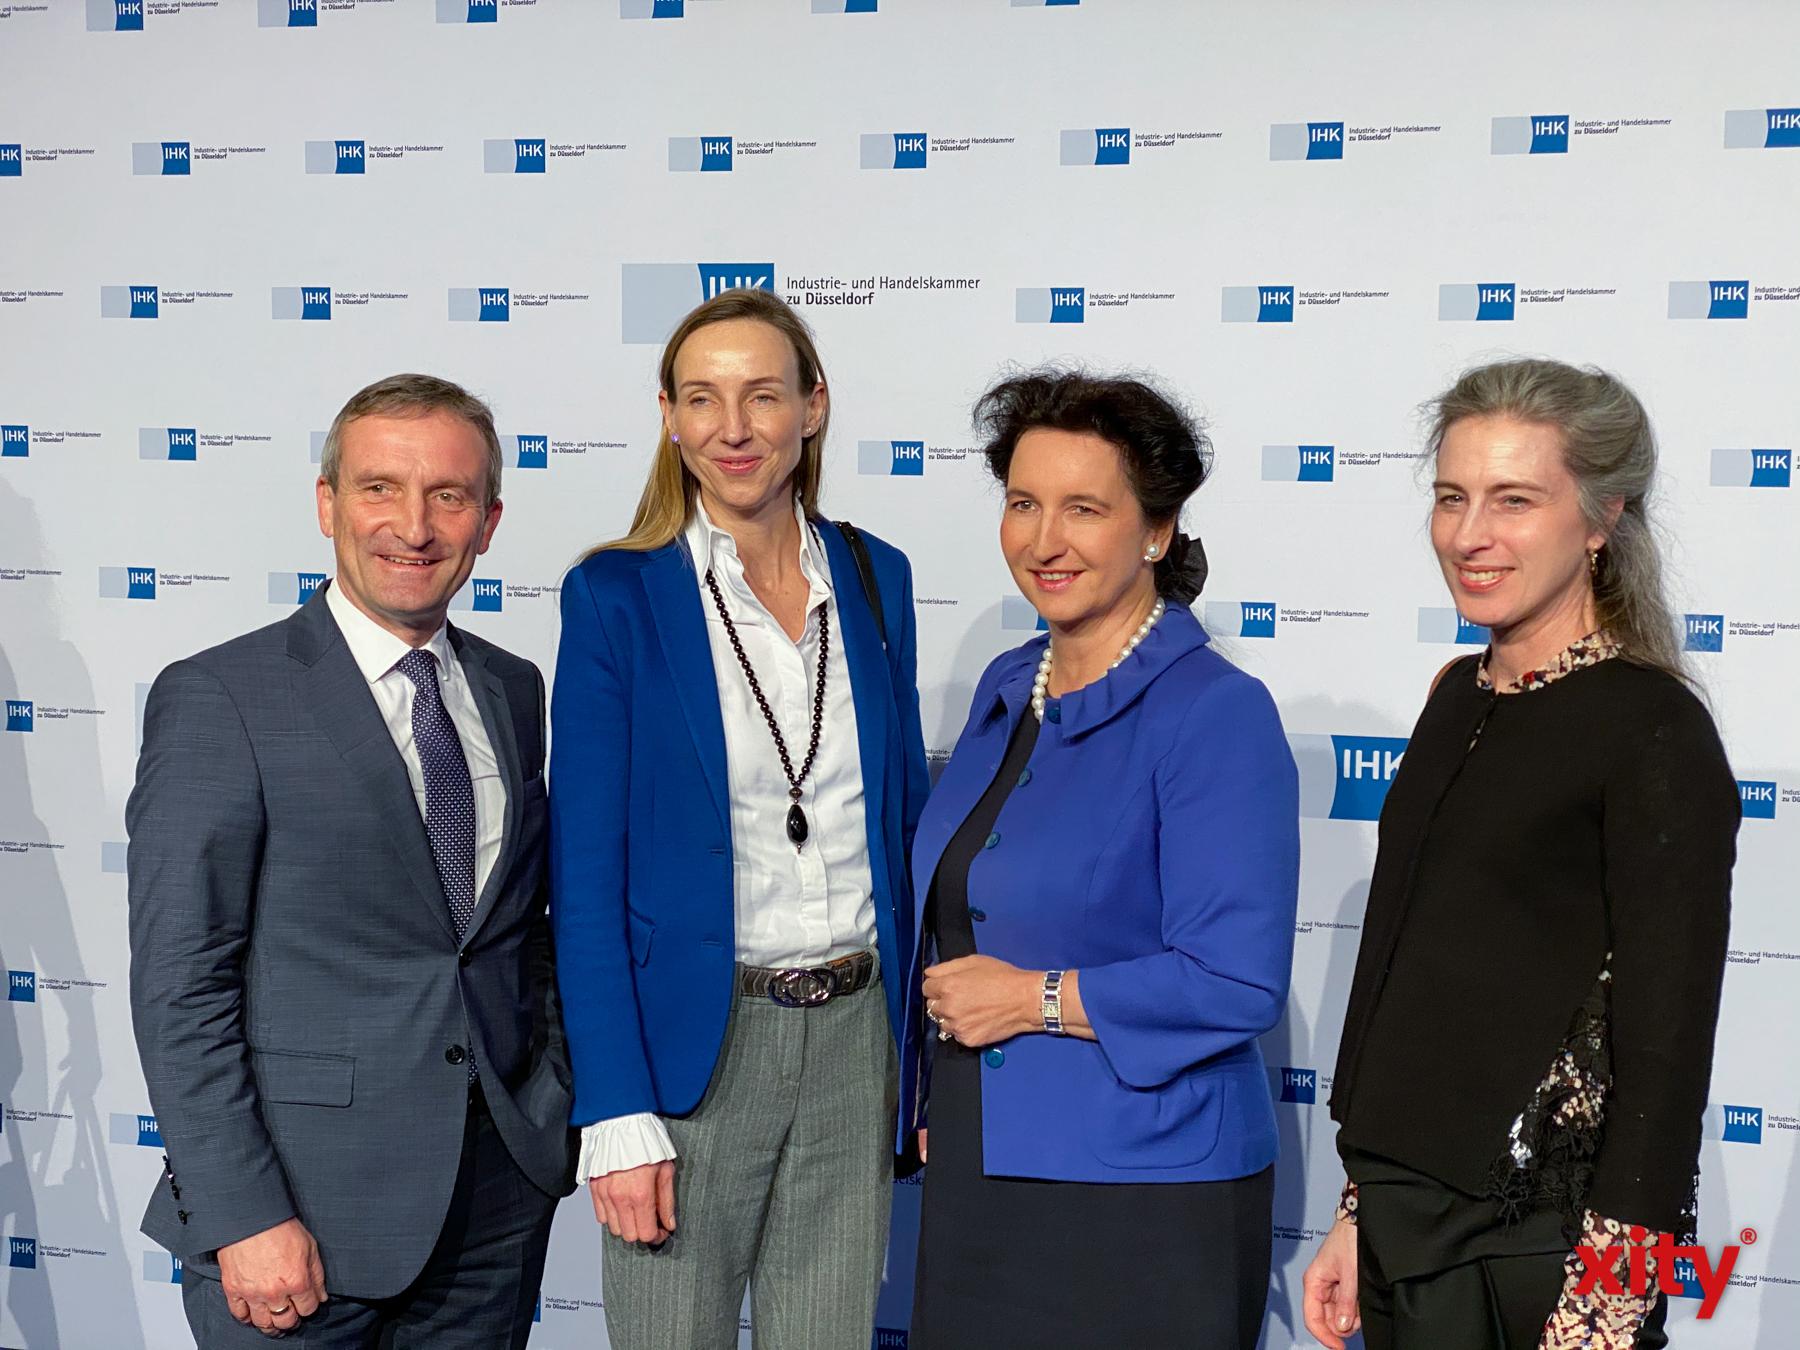 Unter den Gästen waren auch OB Thomas Geisel und Simone Bagel-Trah (Foto: xity)